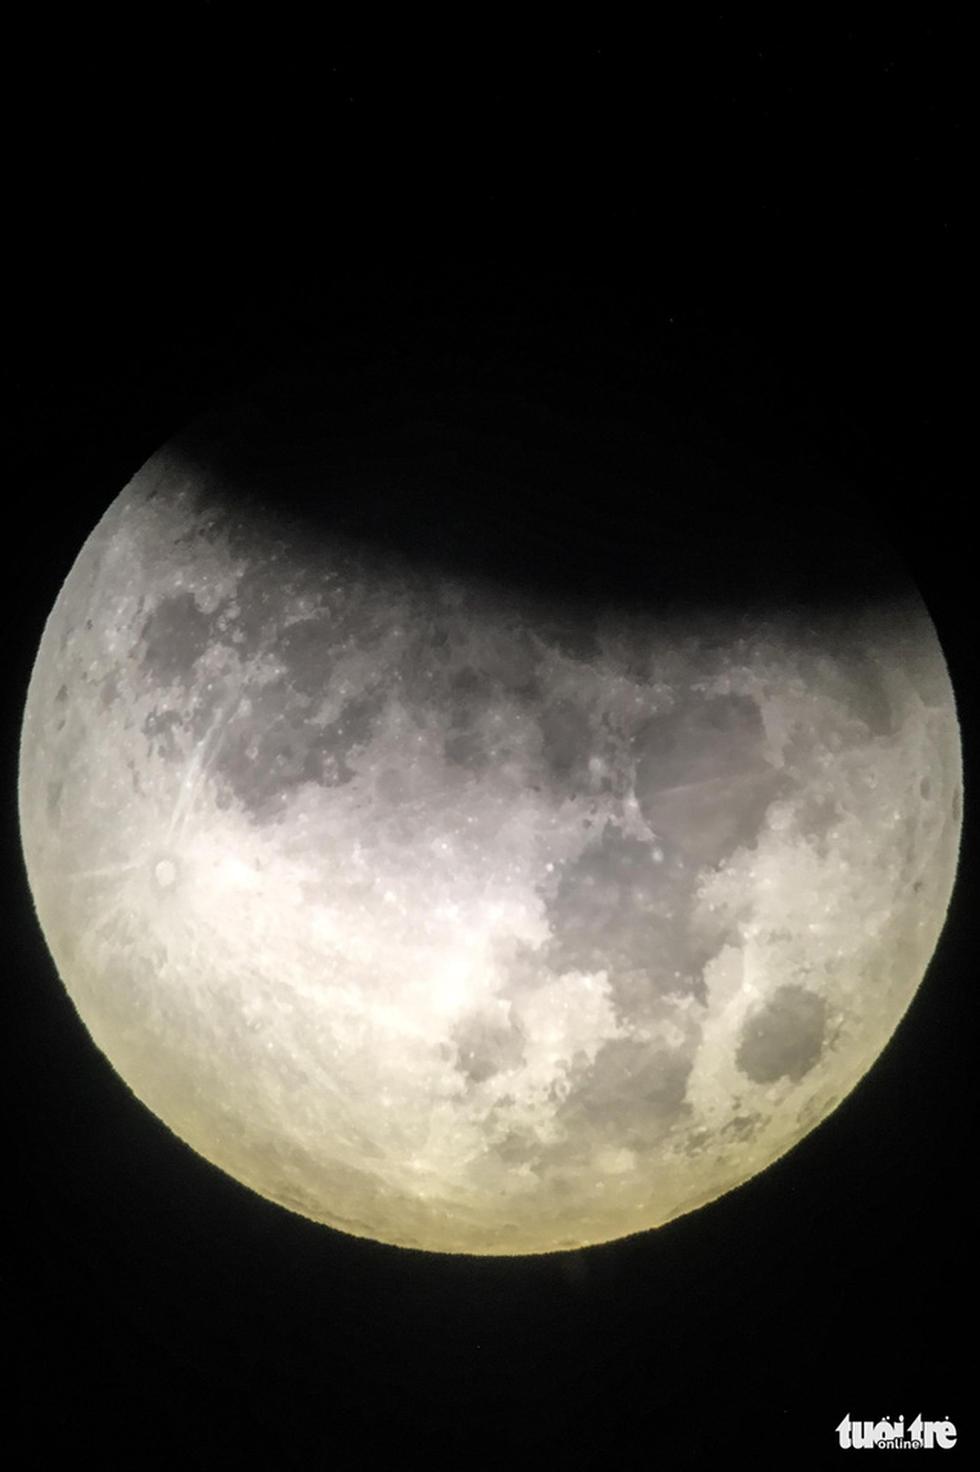 Ngắm nguyệt thực tại đài thiên văn lớn nhất miền Bắc - Ảnh 9.